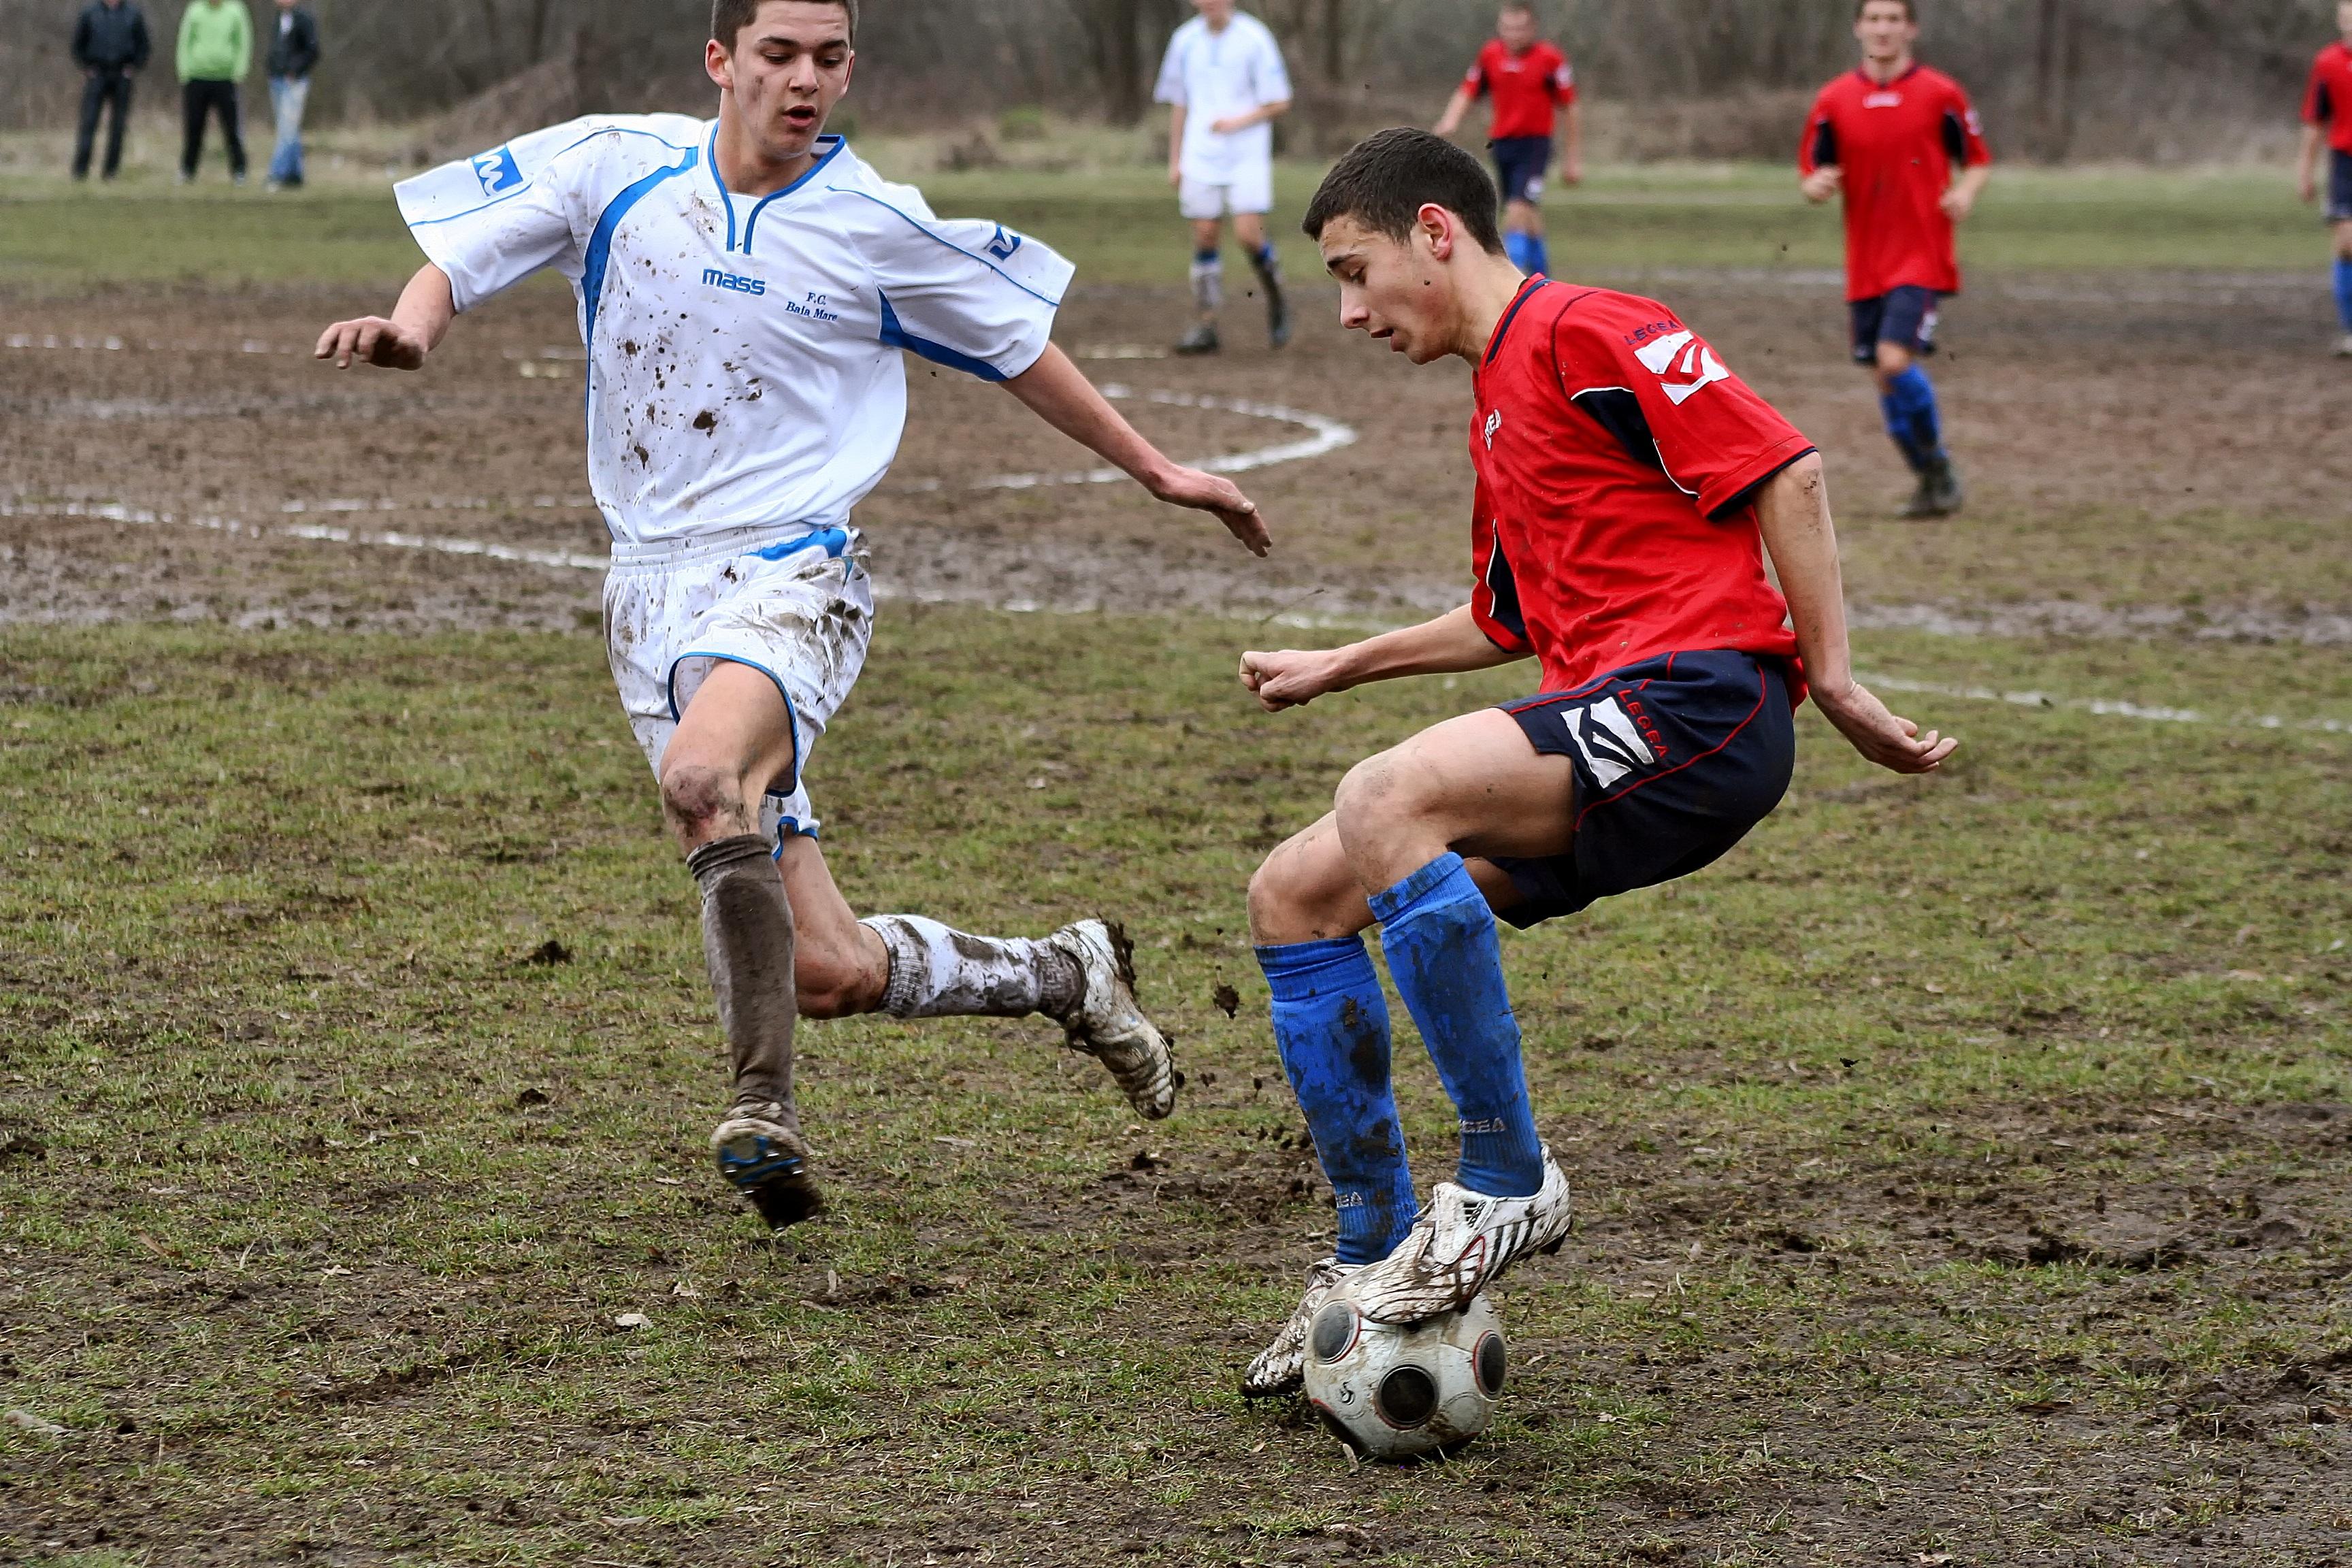 En hızlı futbolcu: hız ve beceri